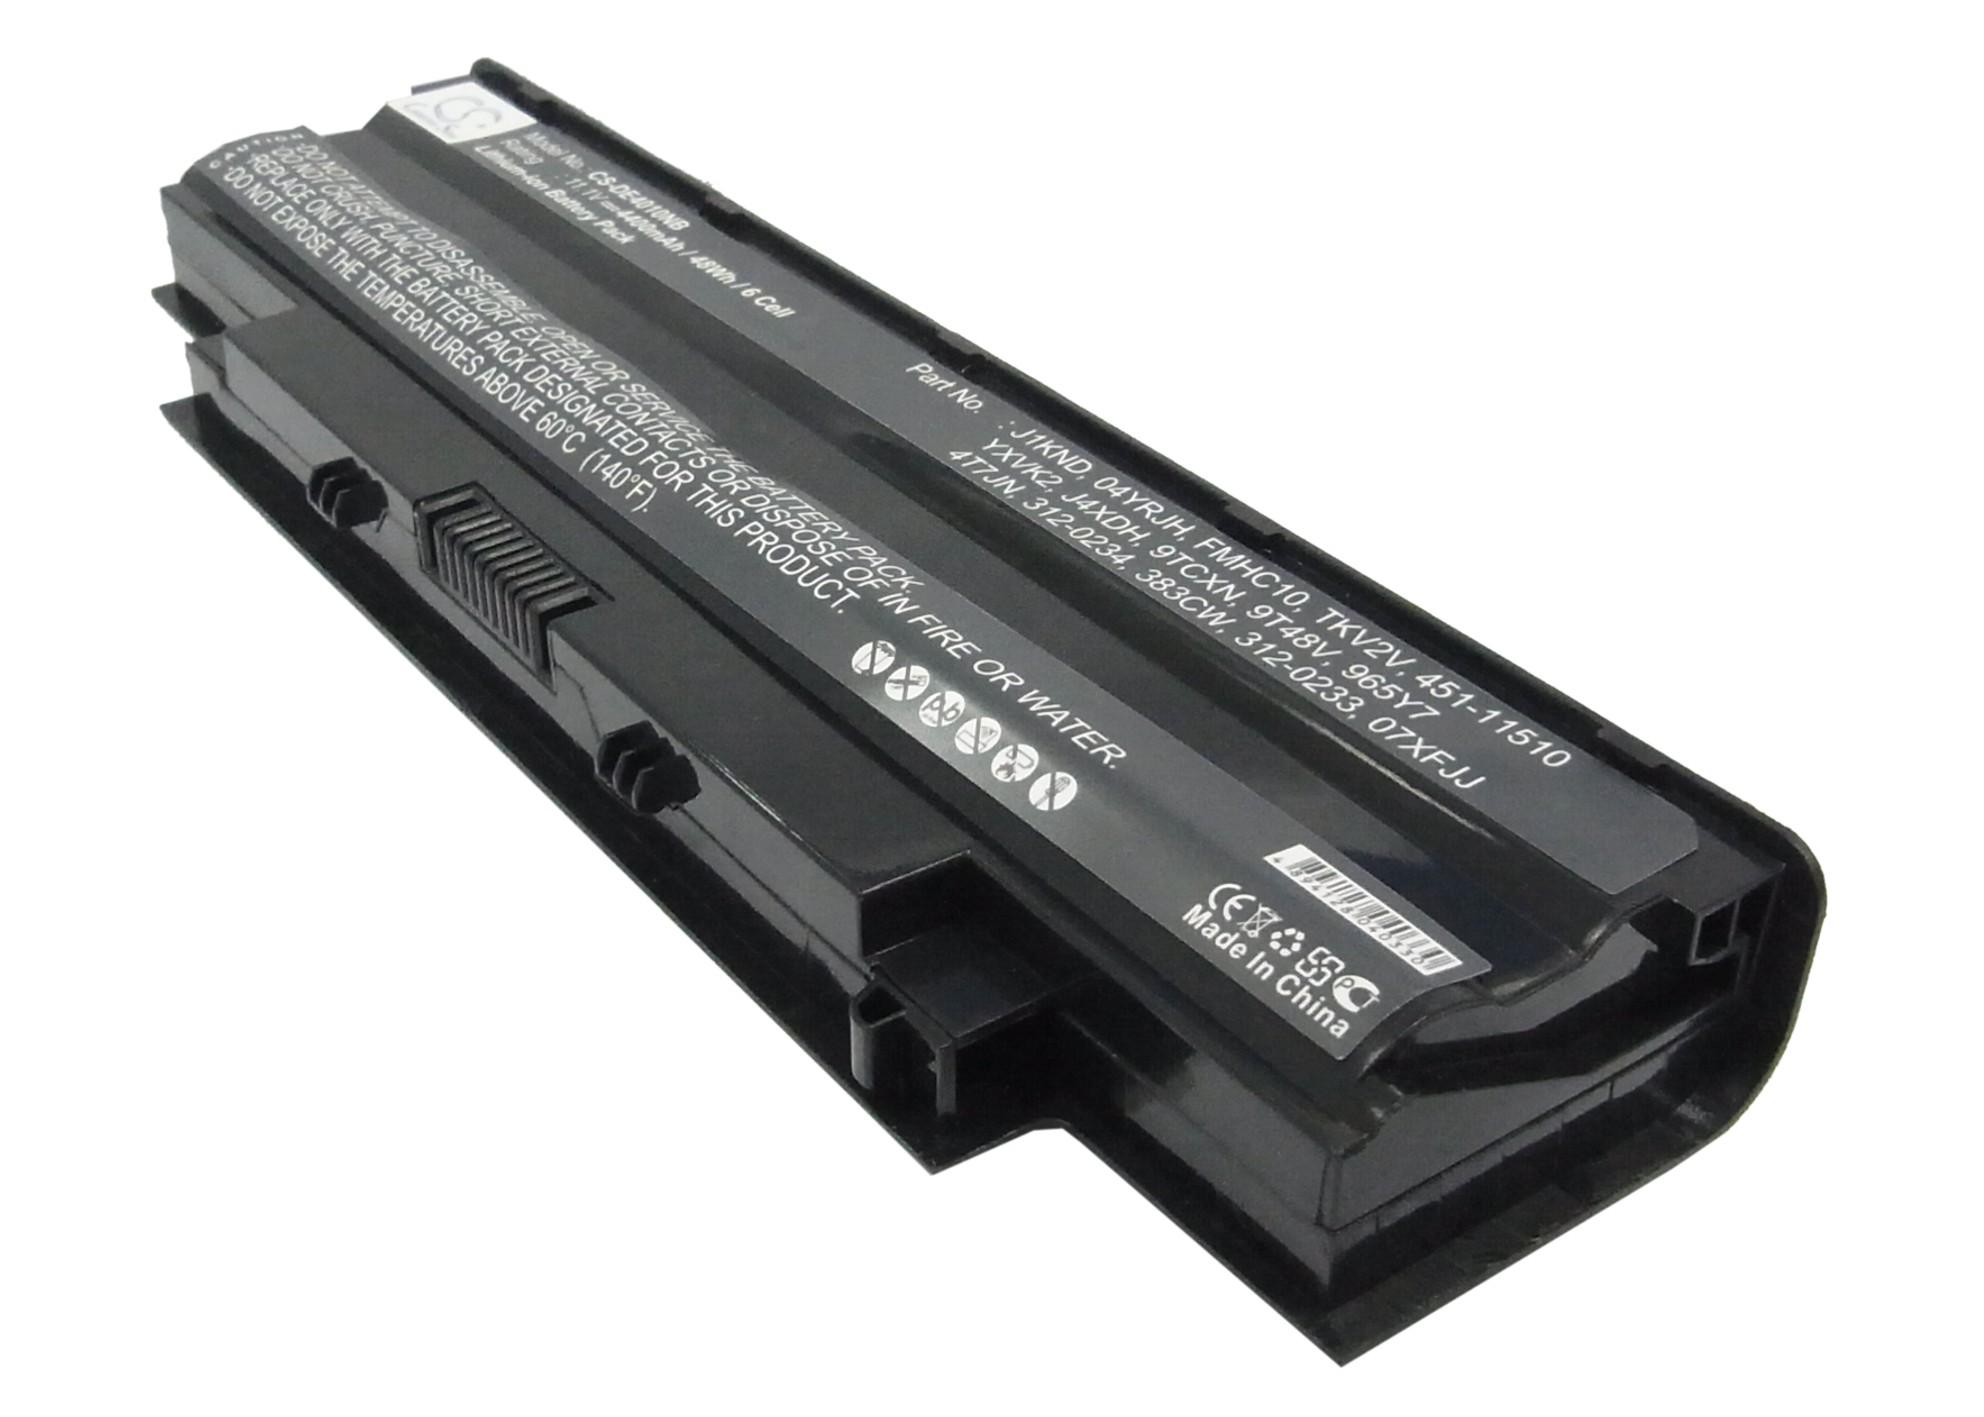 Cameron Sino baterie do notebooků pro DELL Inspiron 15R 5010-D370HK 11.1V Li-ion 4400mAh černá - neoriginální